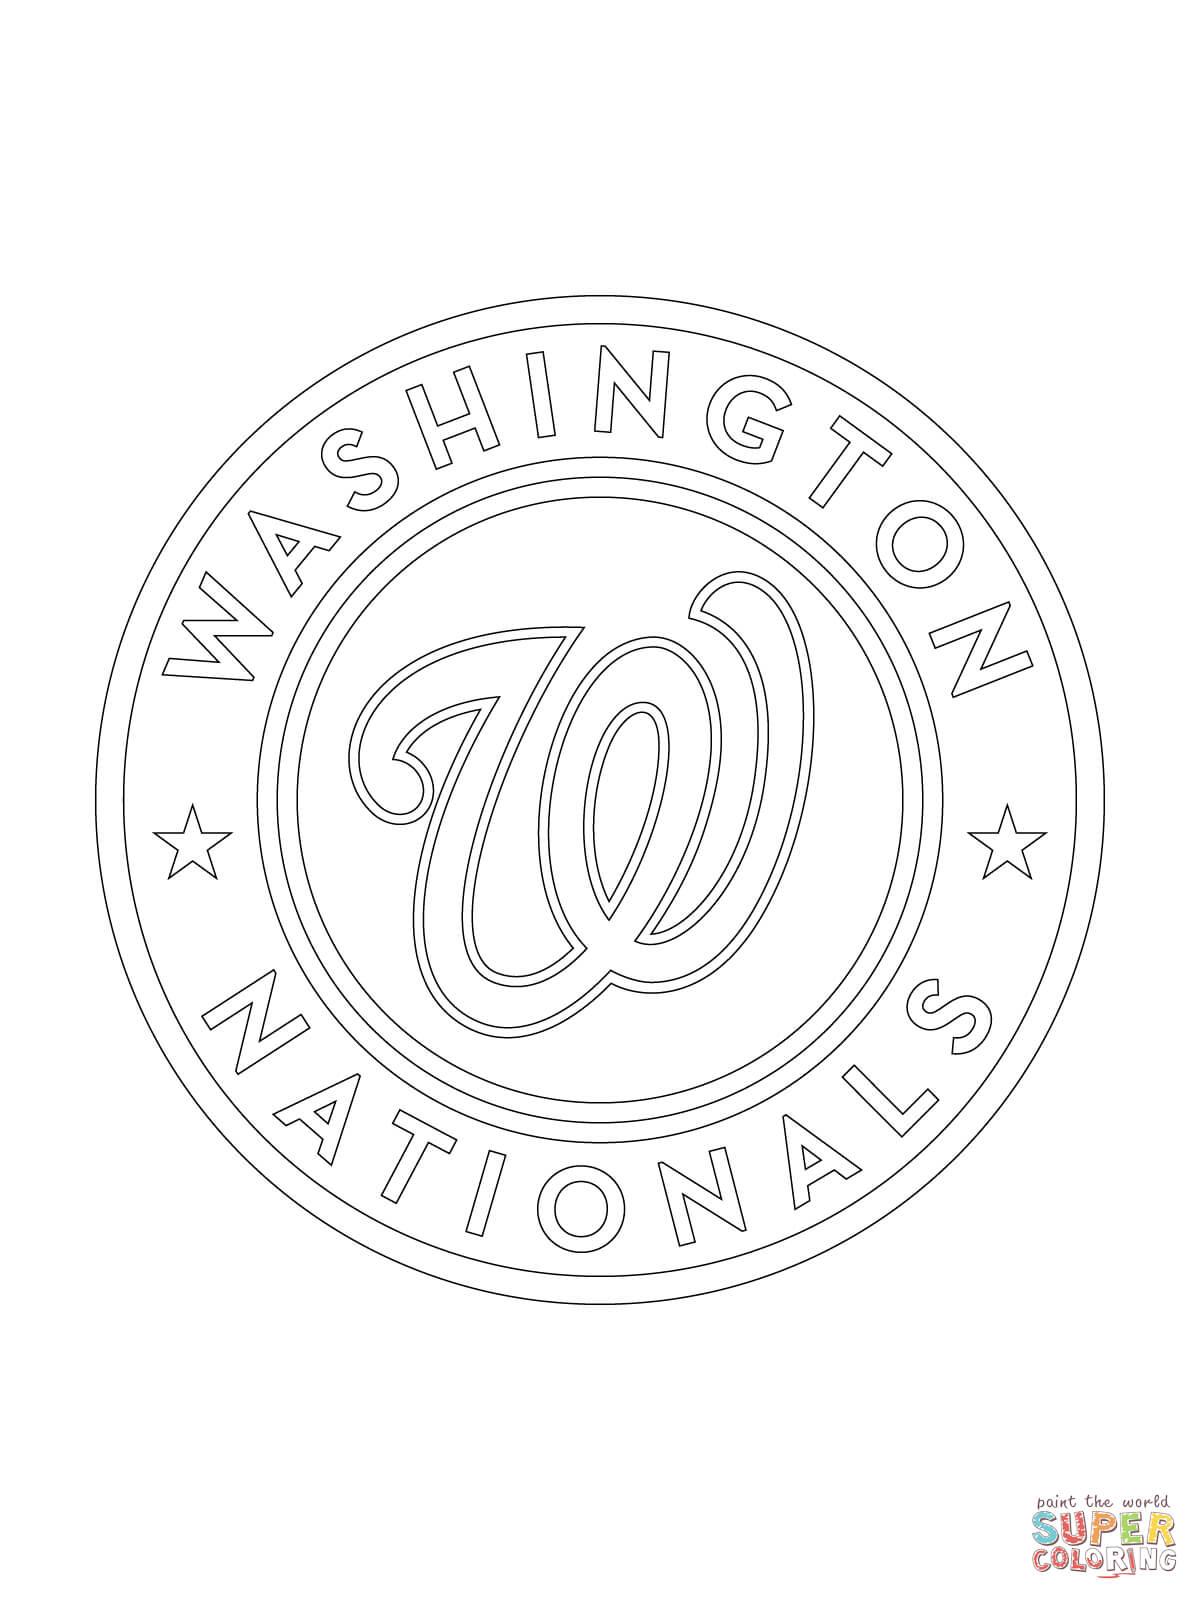 Washington Nationals Logo Coloring Page